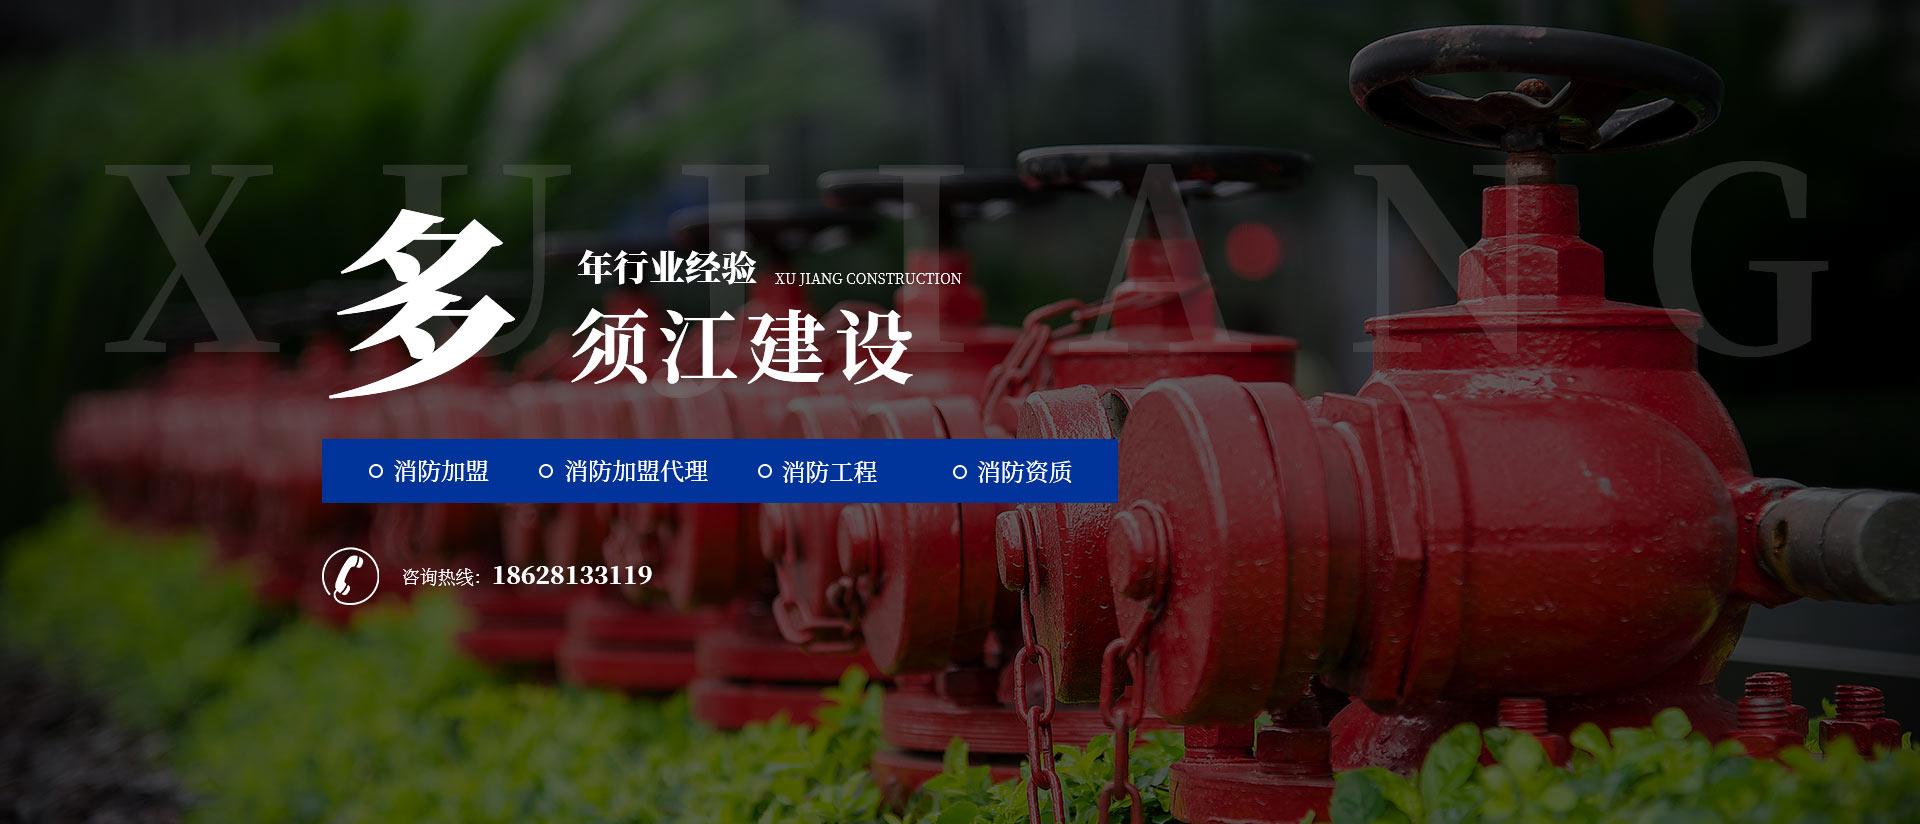 四川BG大游APP消防公司加盟